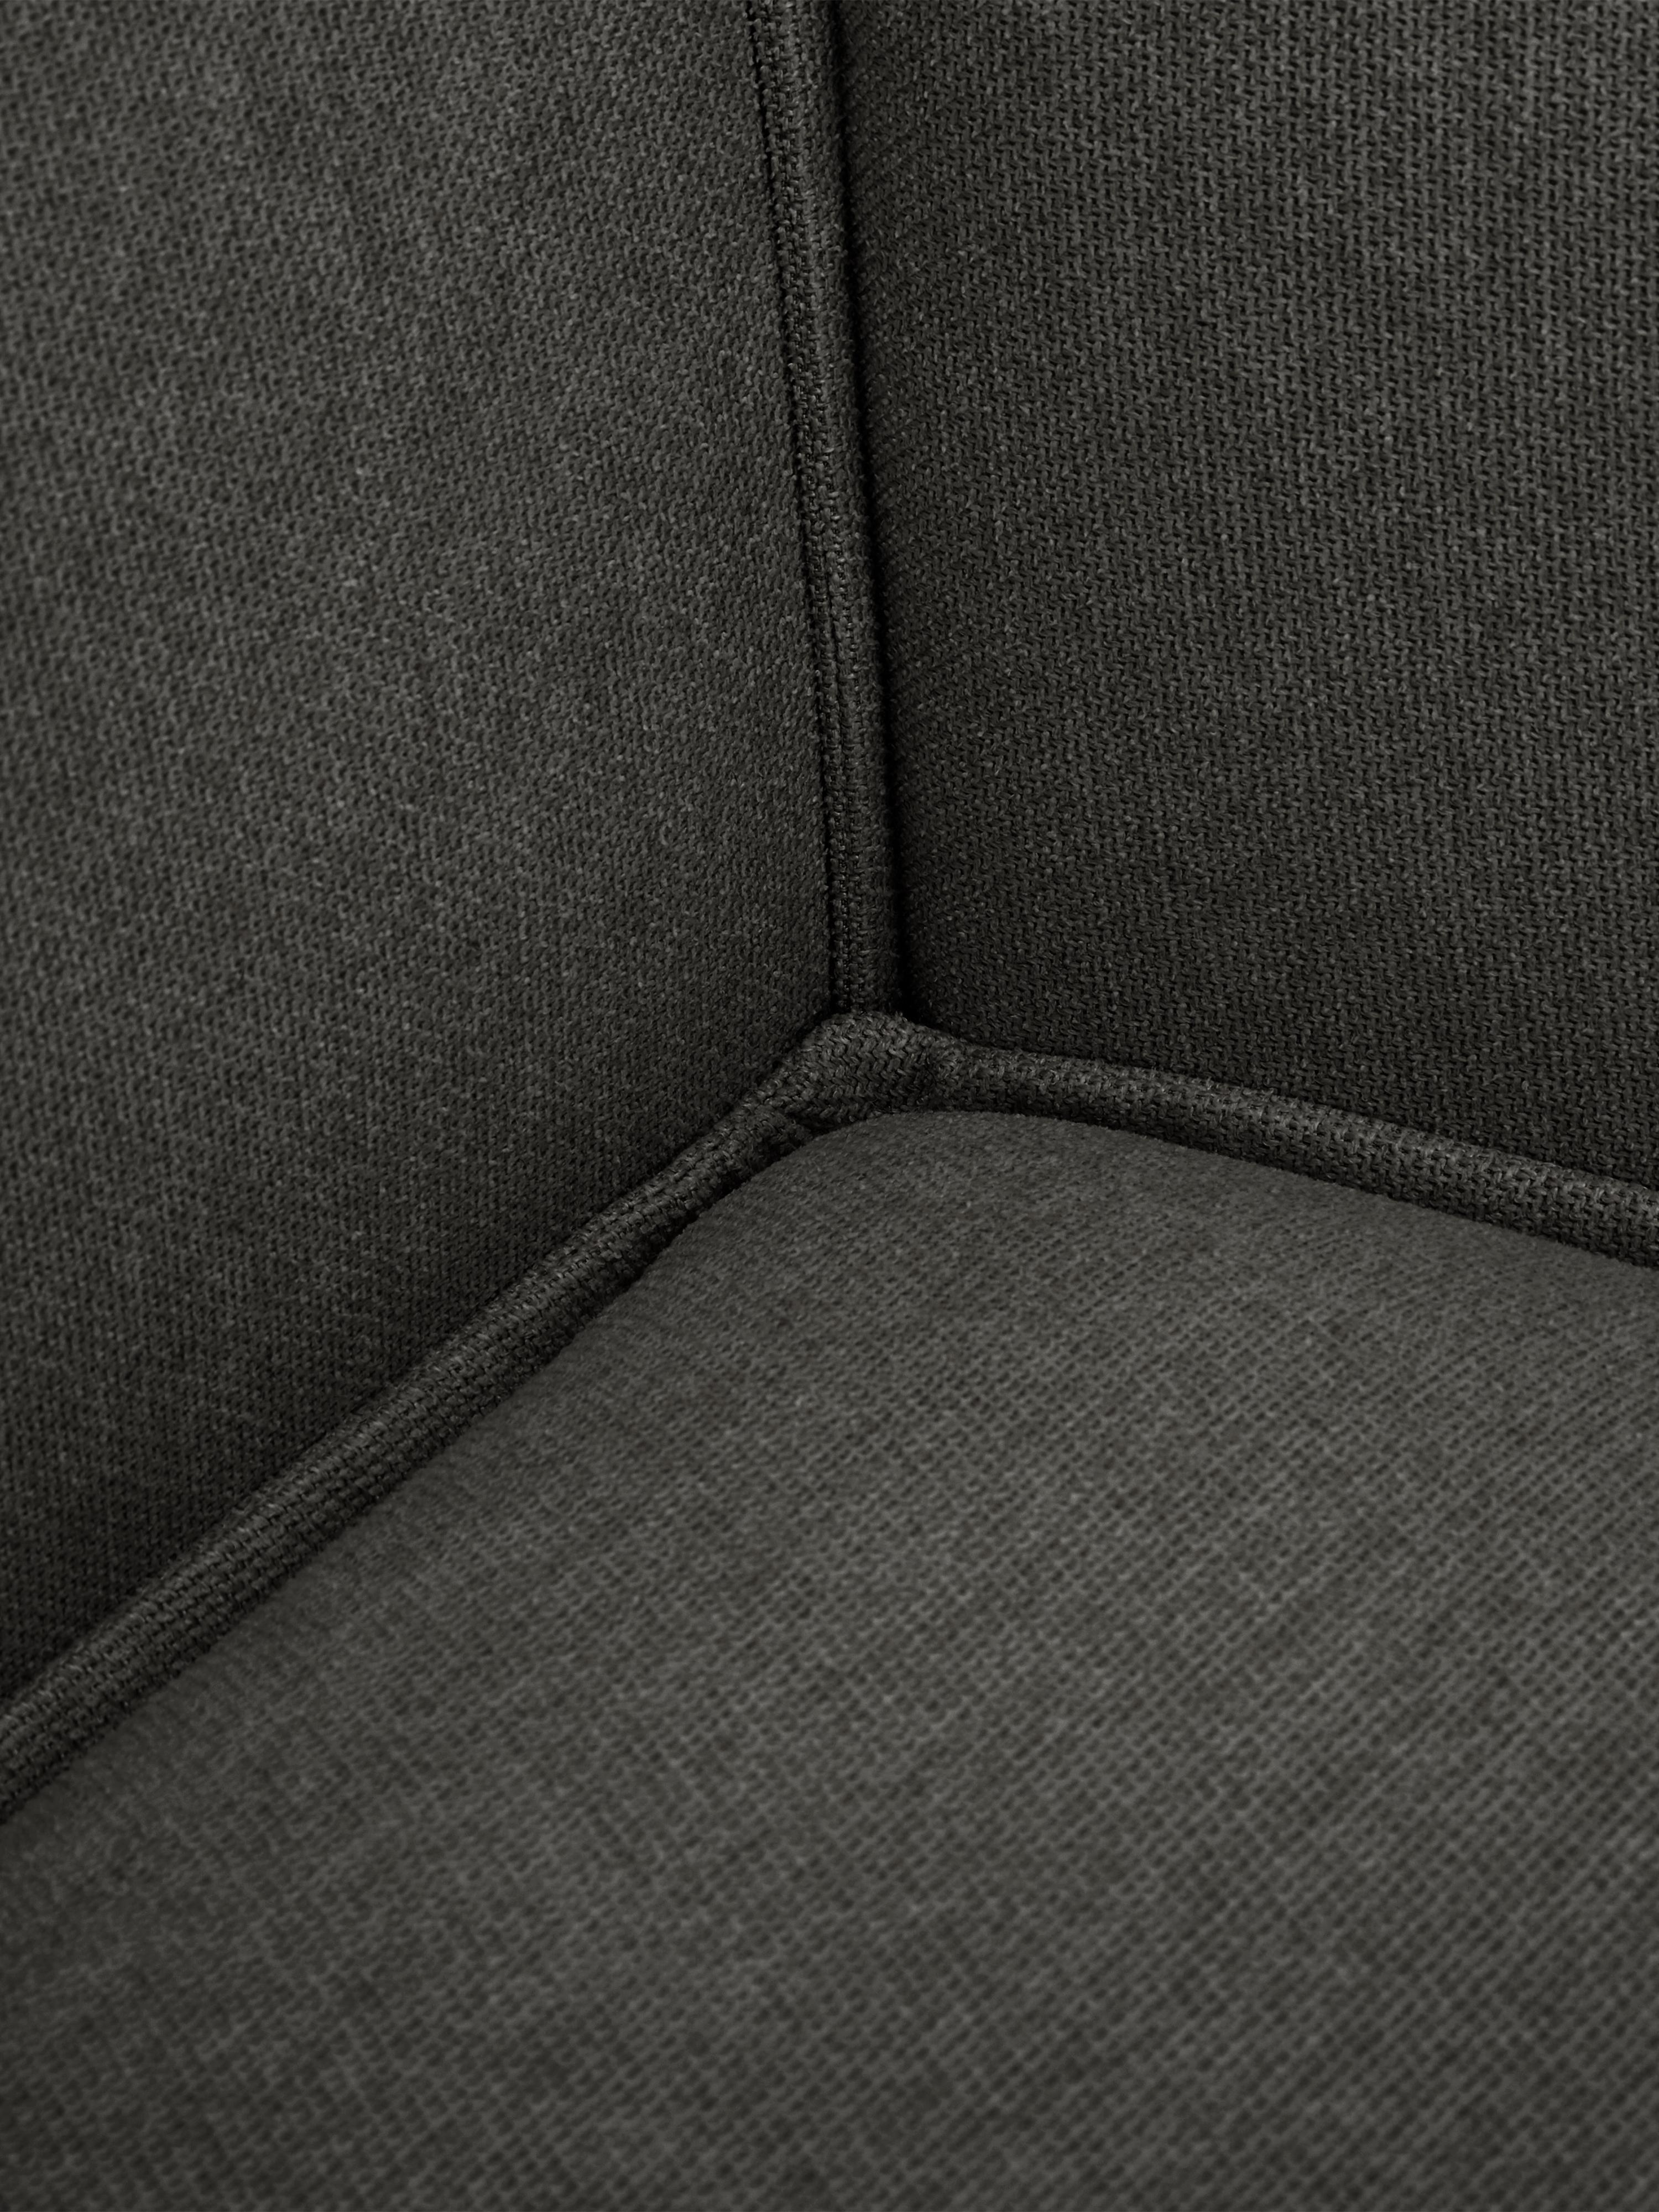 Divano componibile 3 posti in tessuto antracite Lennon, Rivestimento: poliestere 35.000 cicli d, Struttura: pino massiccio, compensat, Piedini: materiale sintetico, Tessuto antracite, Larg. 238 x Prof. 119 cm